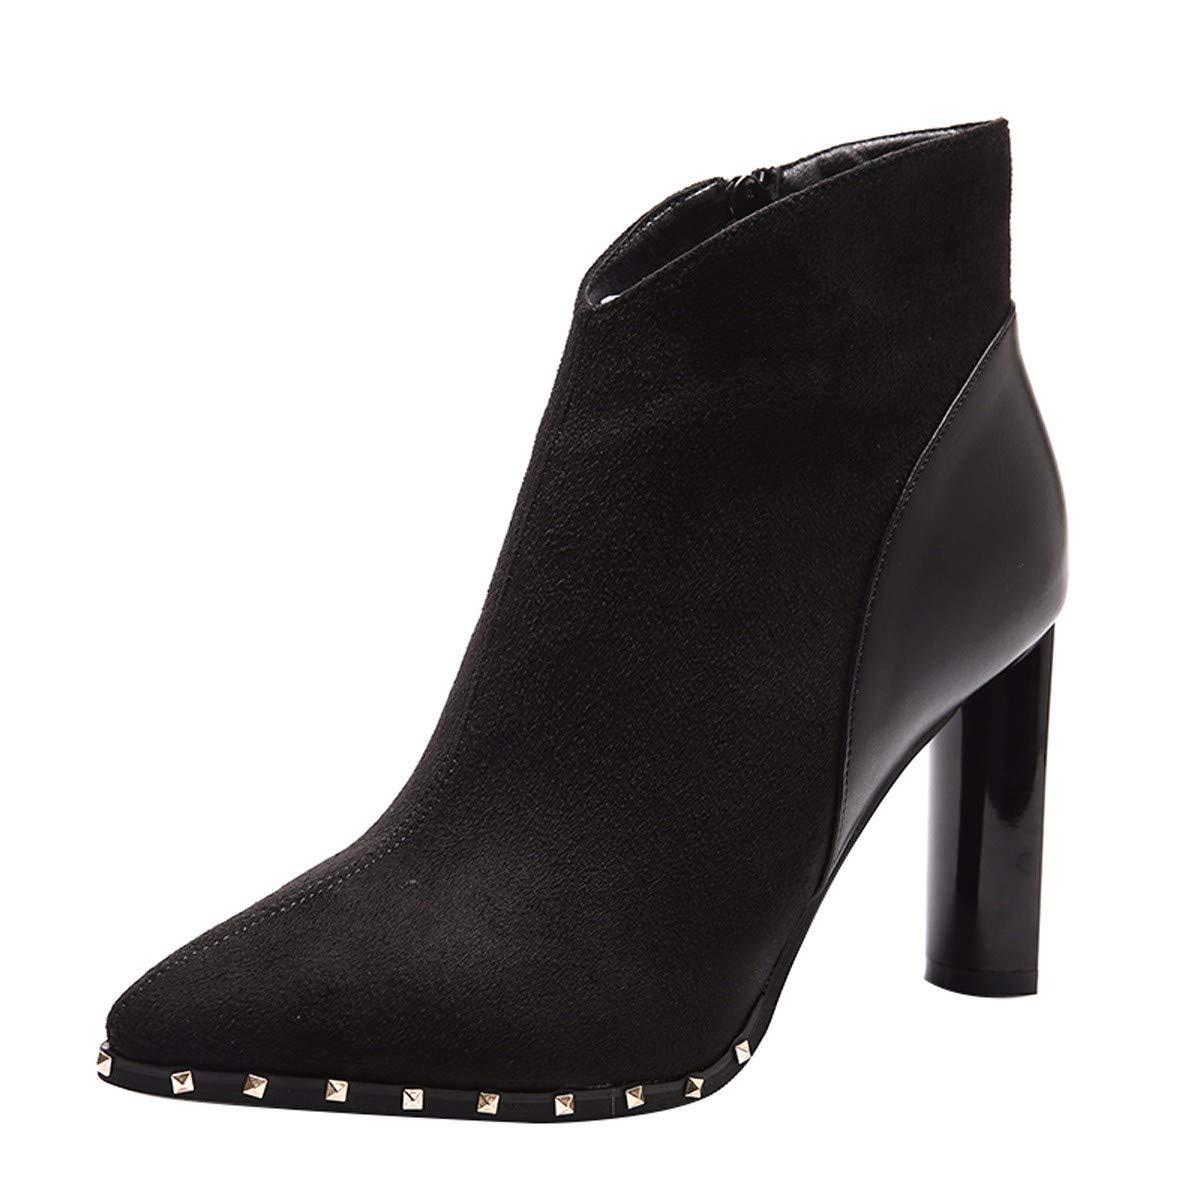 HBDLH Damenschuhe Slim - Stiefel Kurze Stiefel Absatz 9 cm Dicke Schuhe Sagte Martin Stiefel Und Stiefeletten